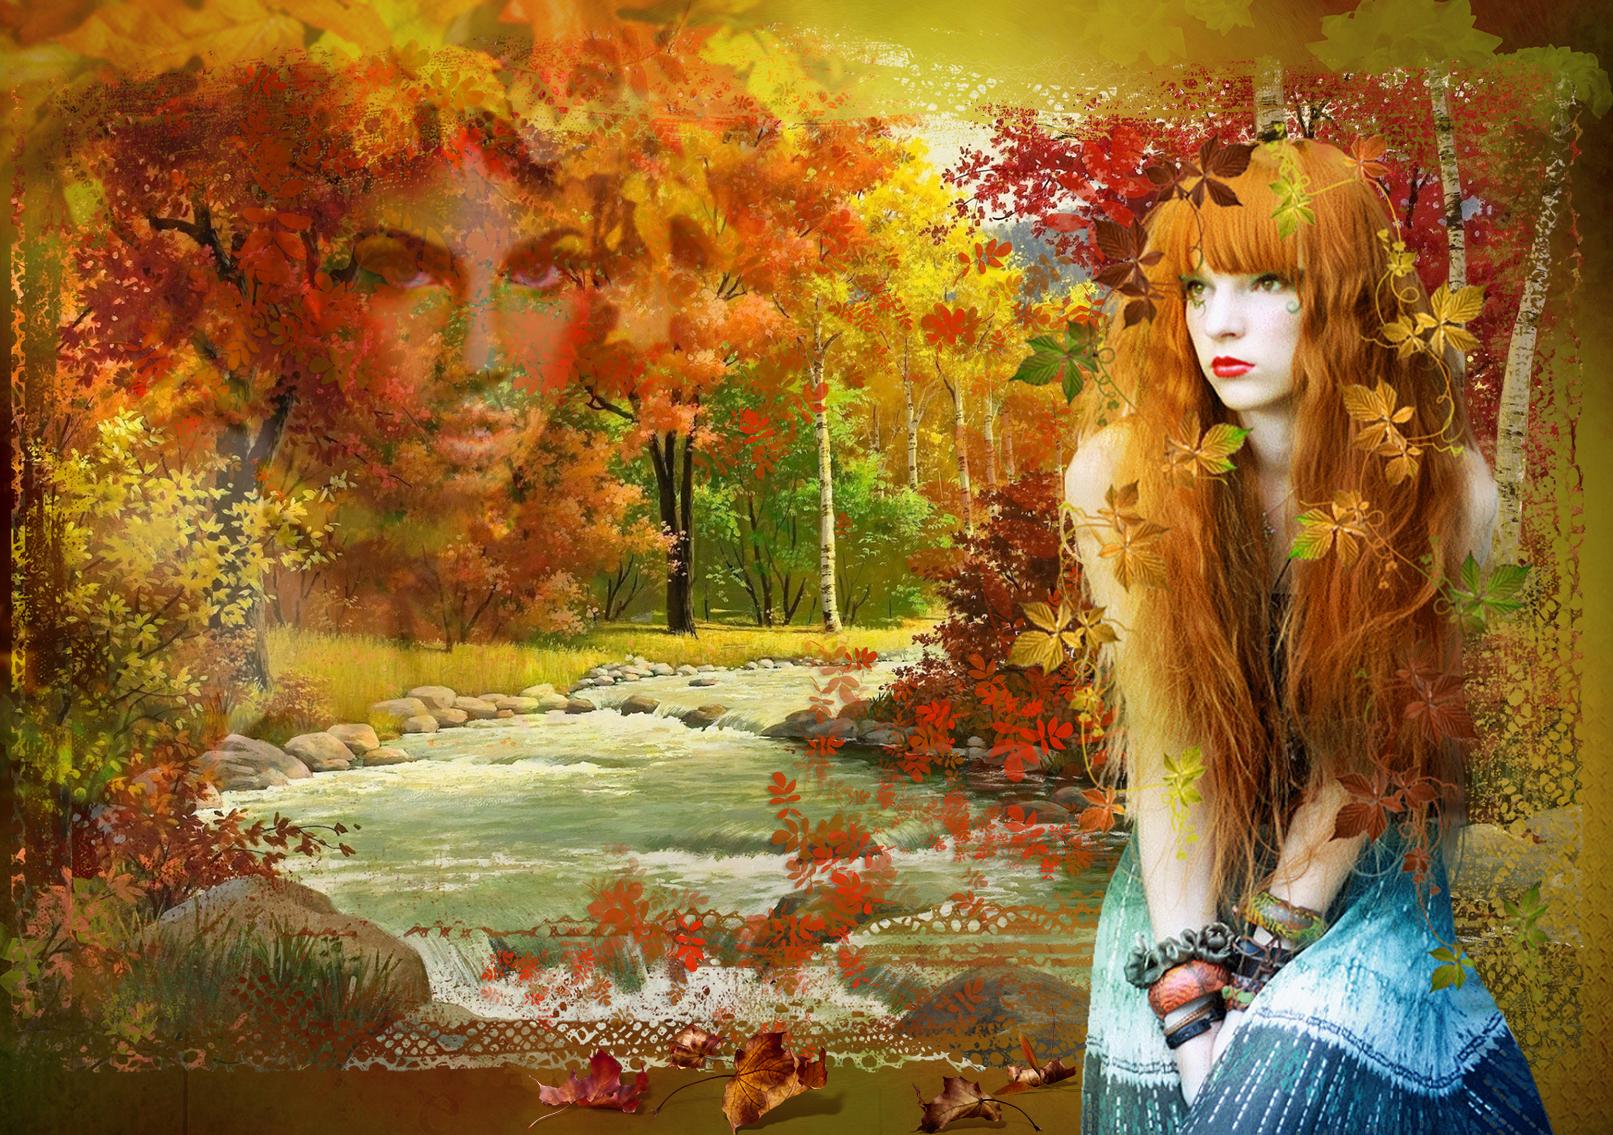 Картинки коллаж анимация пейзаж и девушка